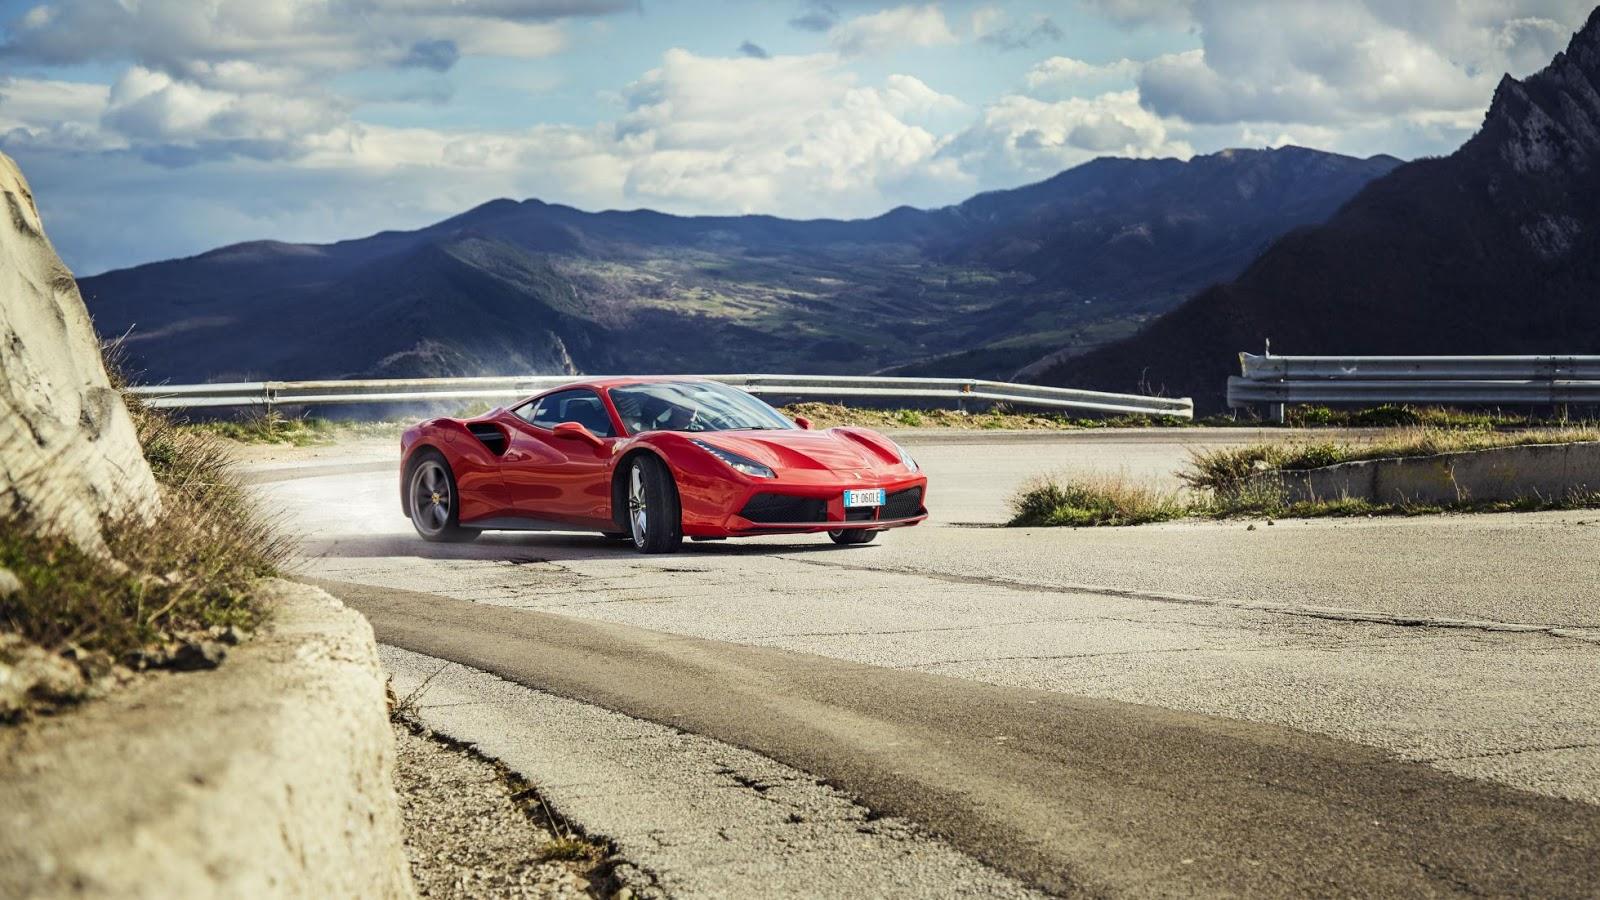 Tuyệt vời khi lái Ferrari 488 GTB đi xuyên đất nước hình chiếc ủng